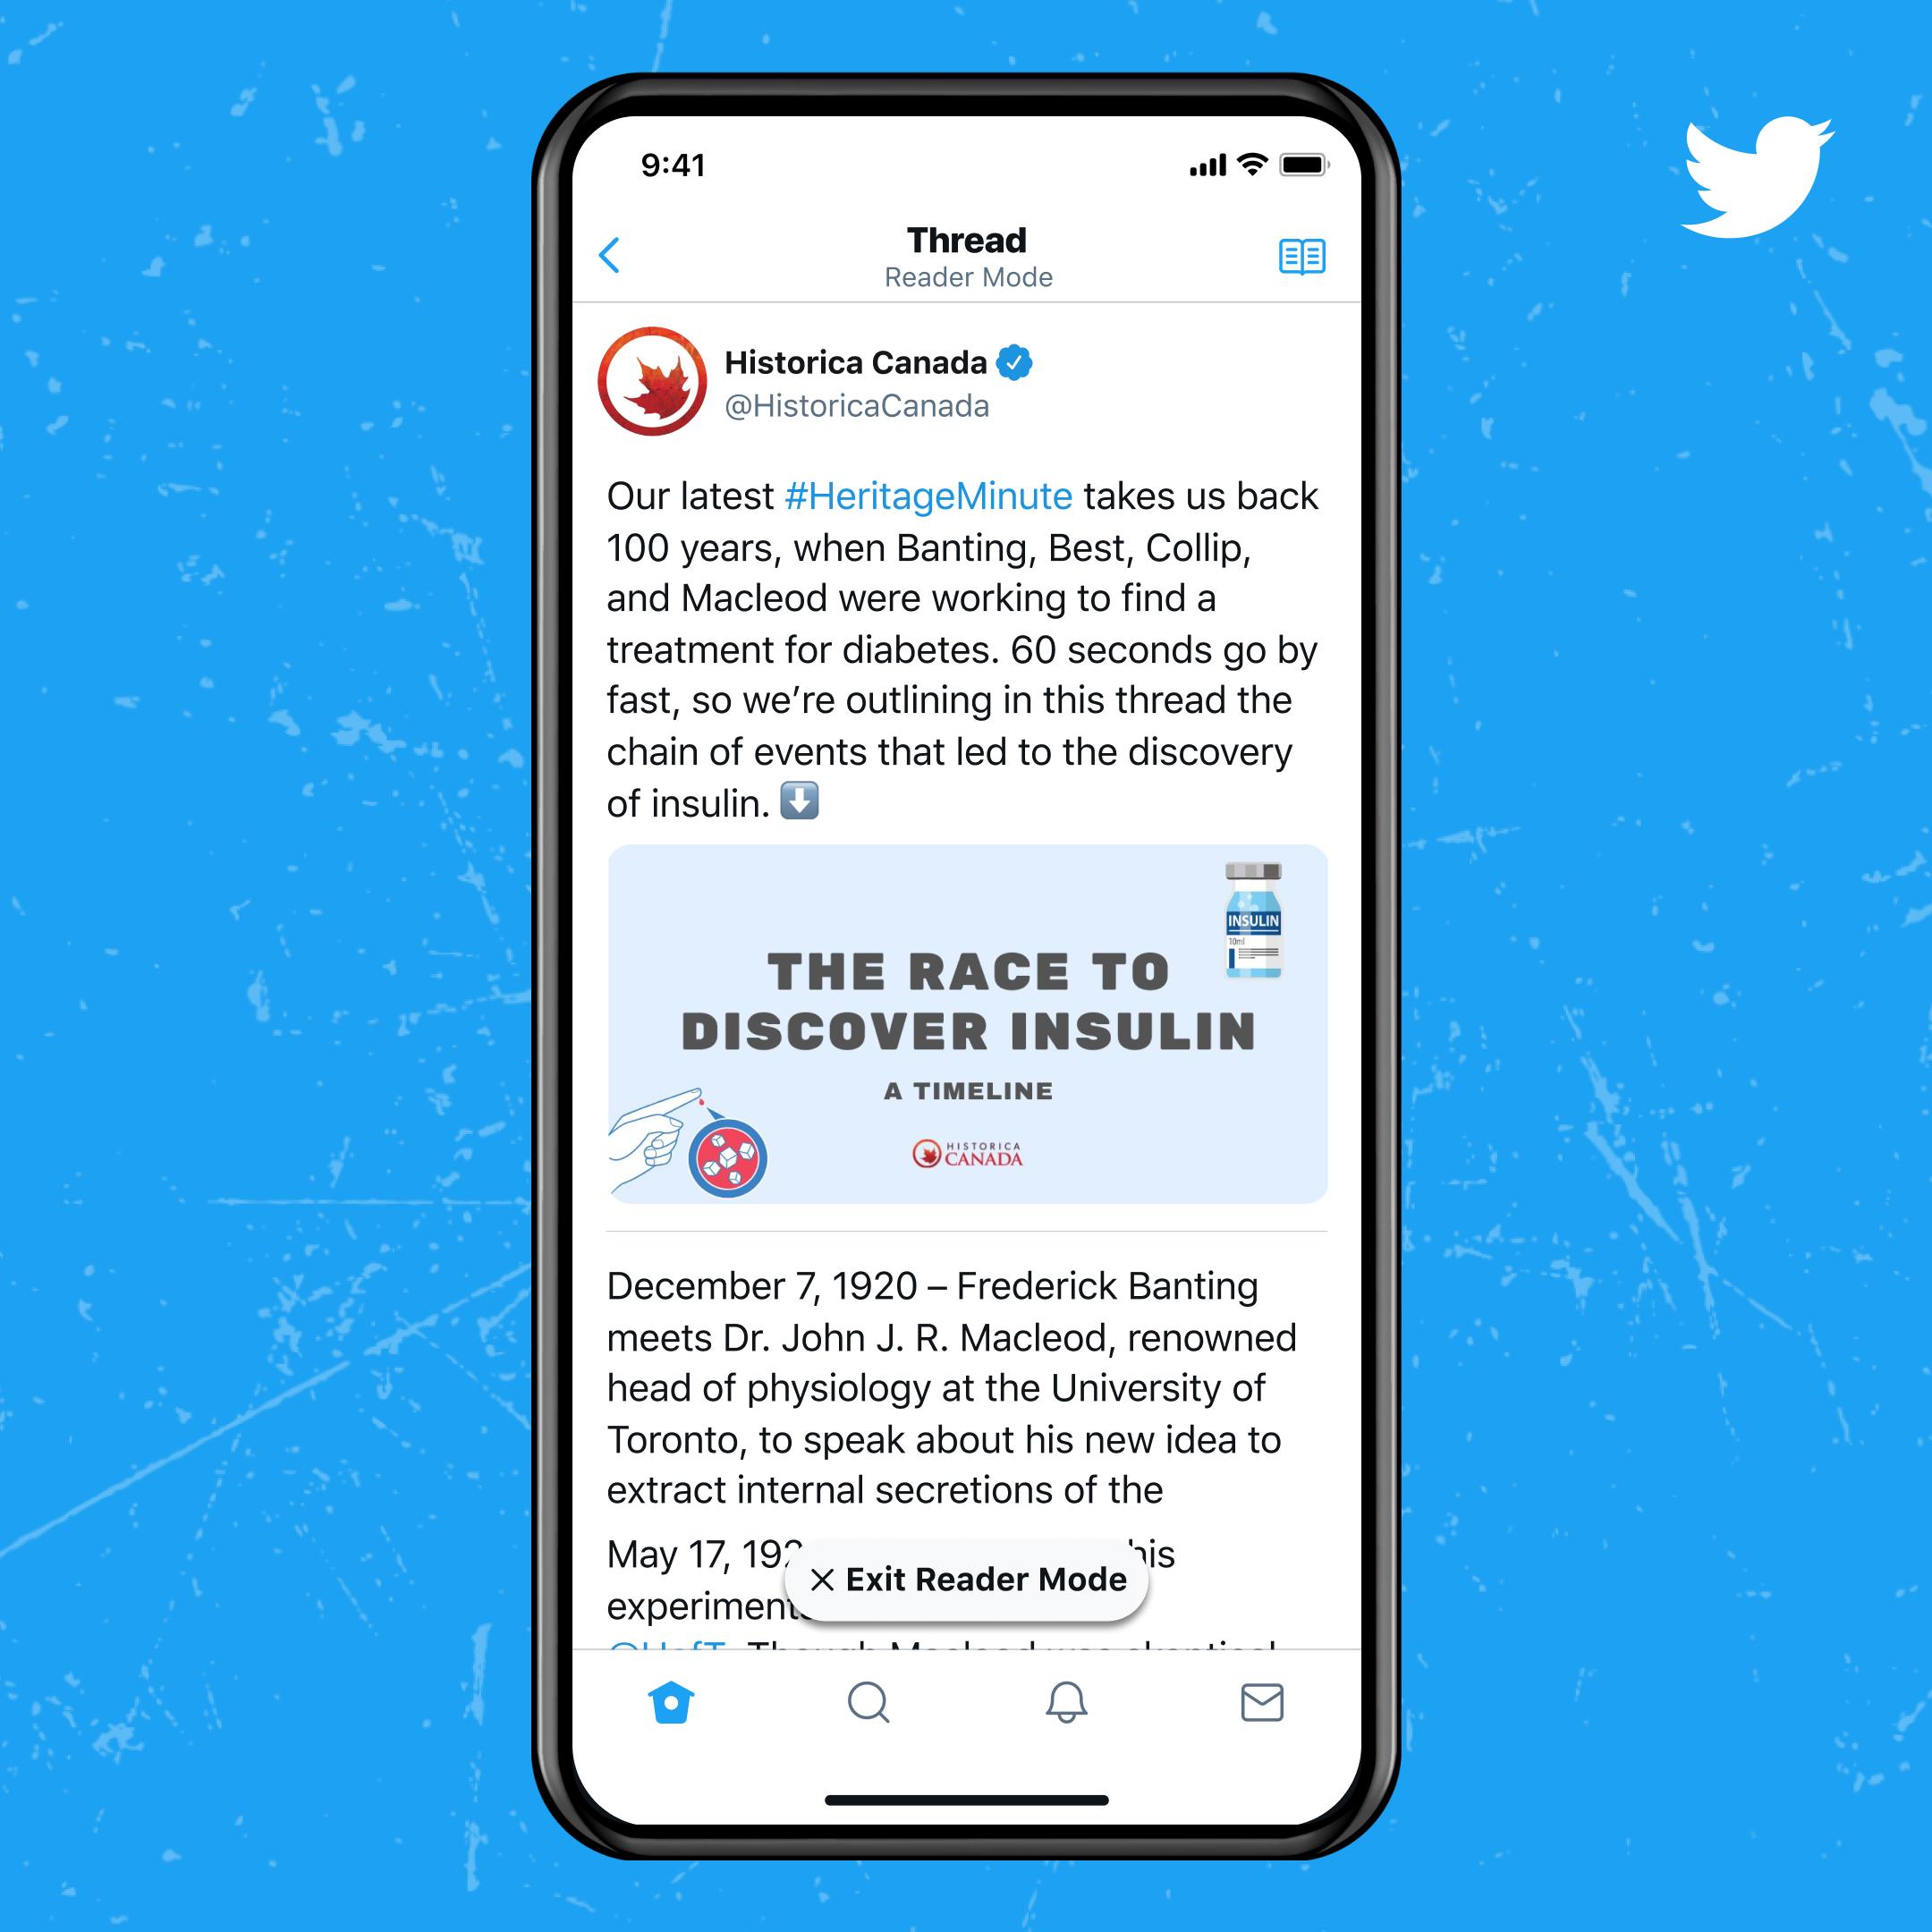 ميزة تجميع التغريدات وقراءتها كنص متكامل من تويتر بلو